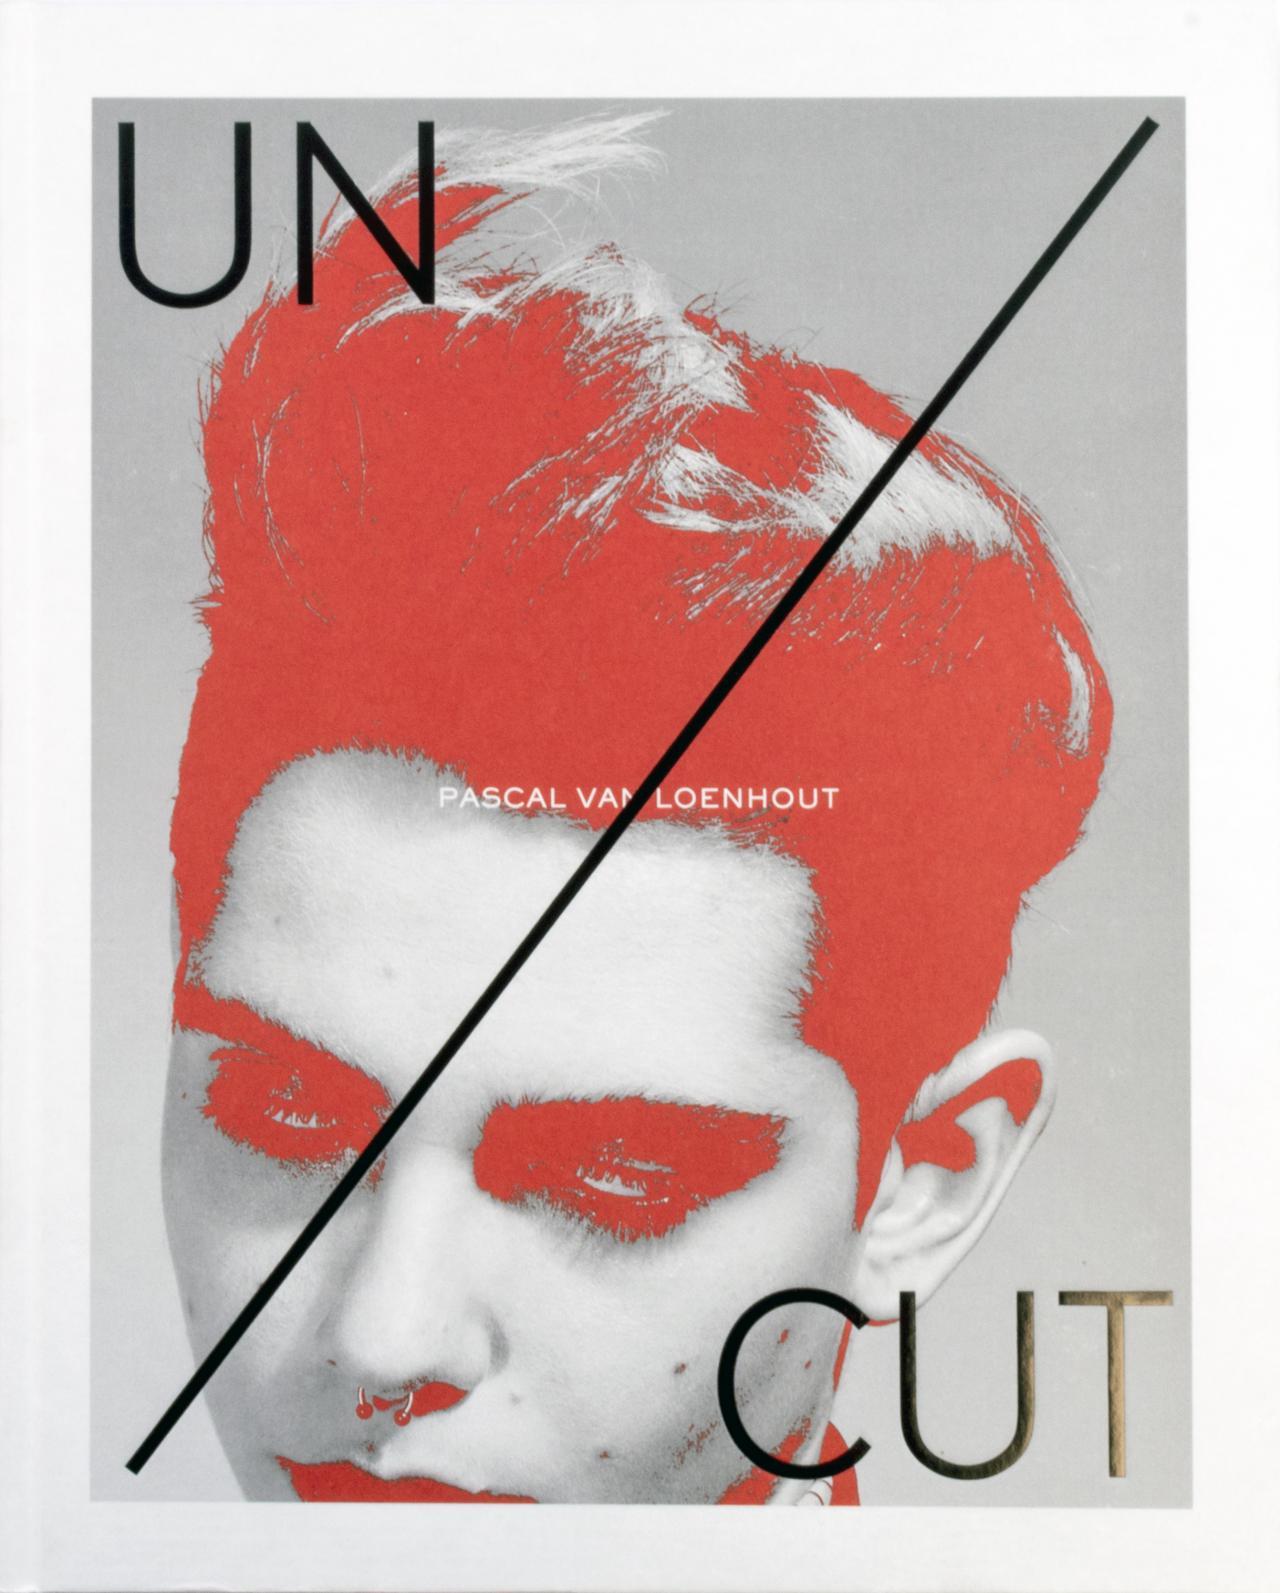 Pascal van Loenhout: UN/CUT